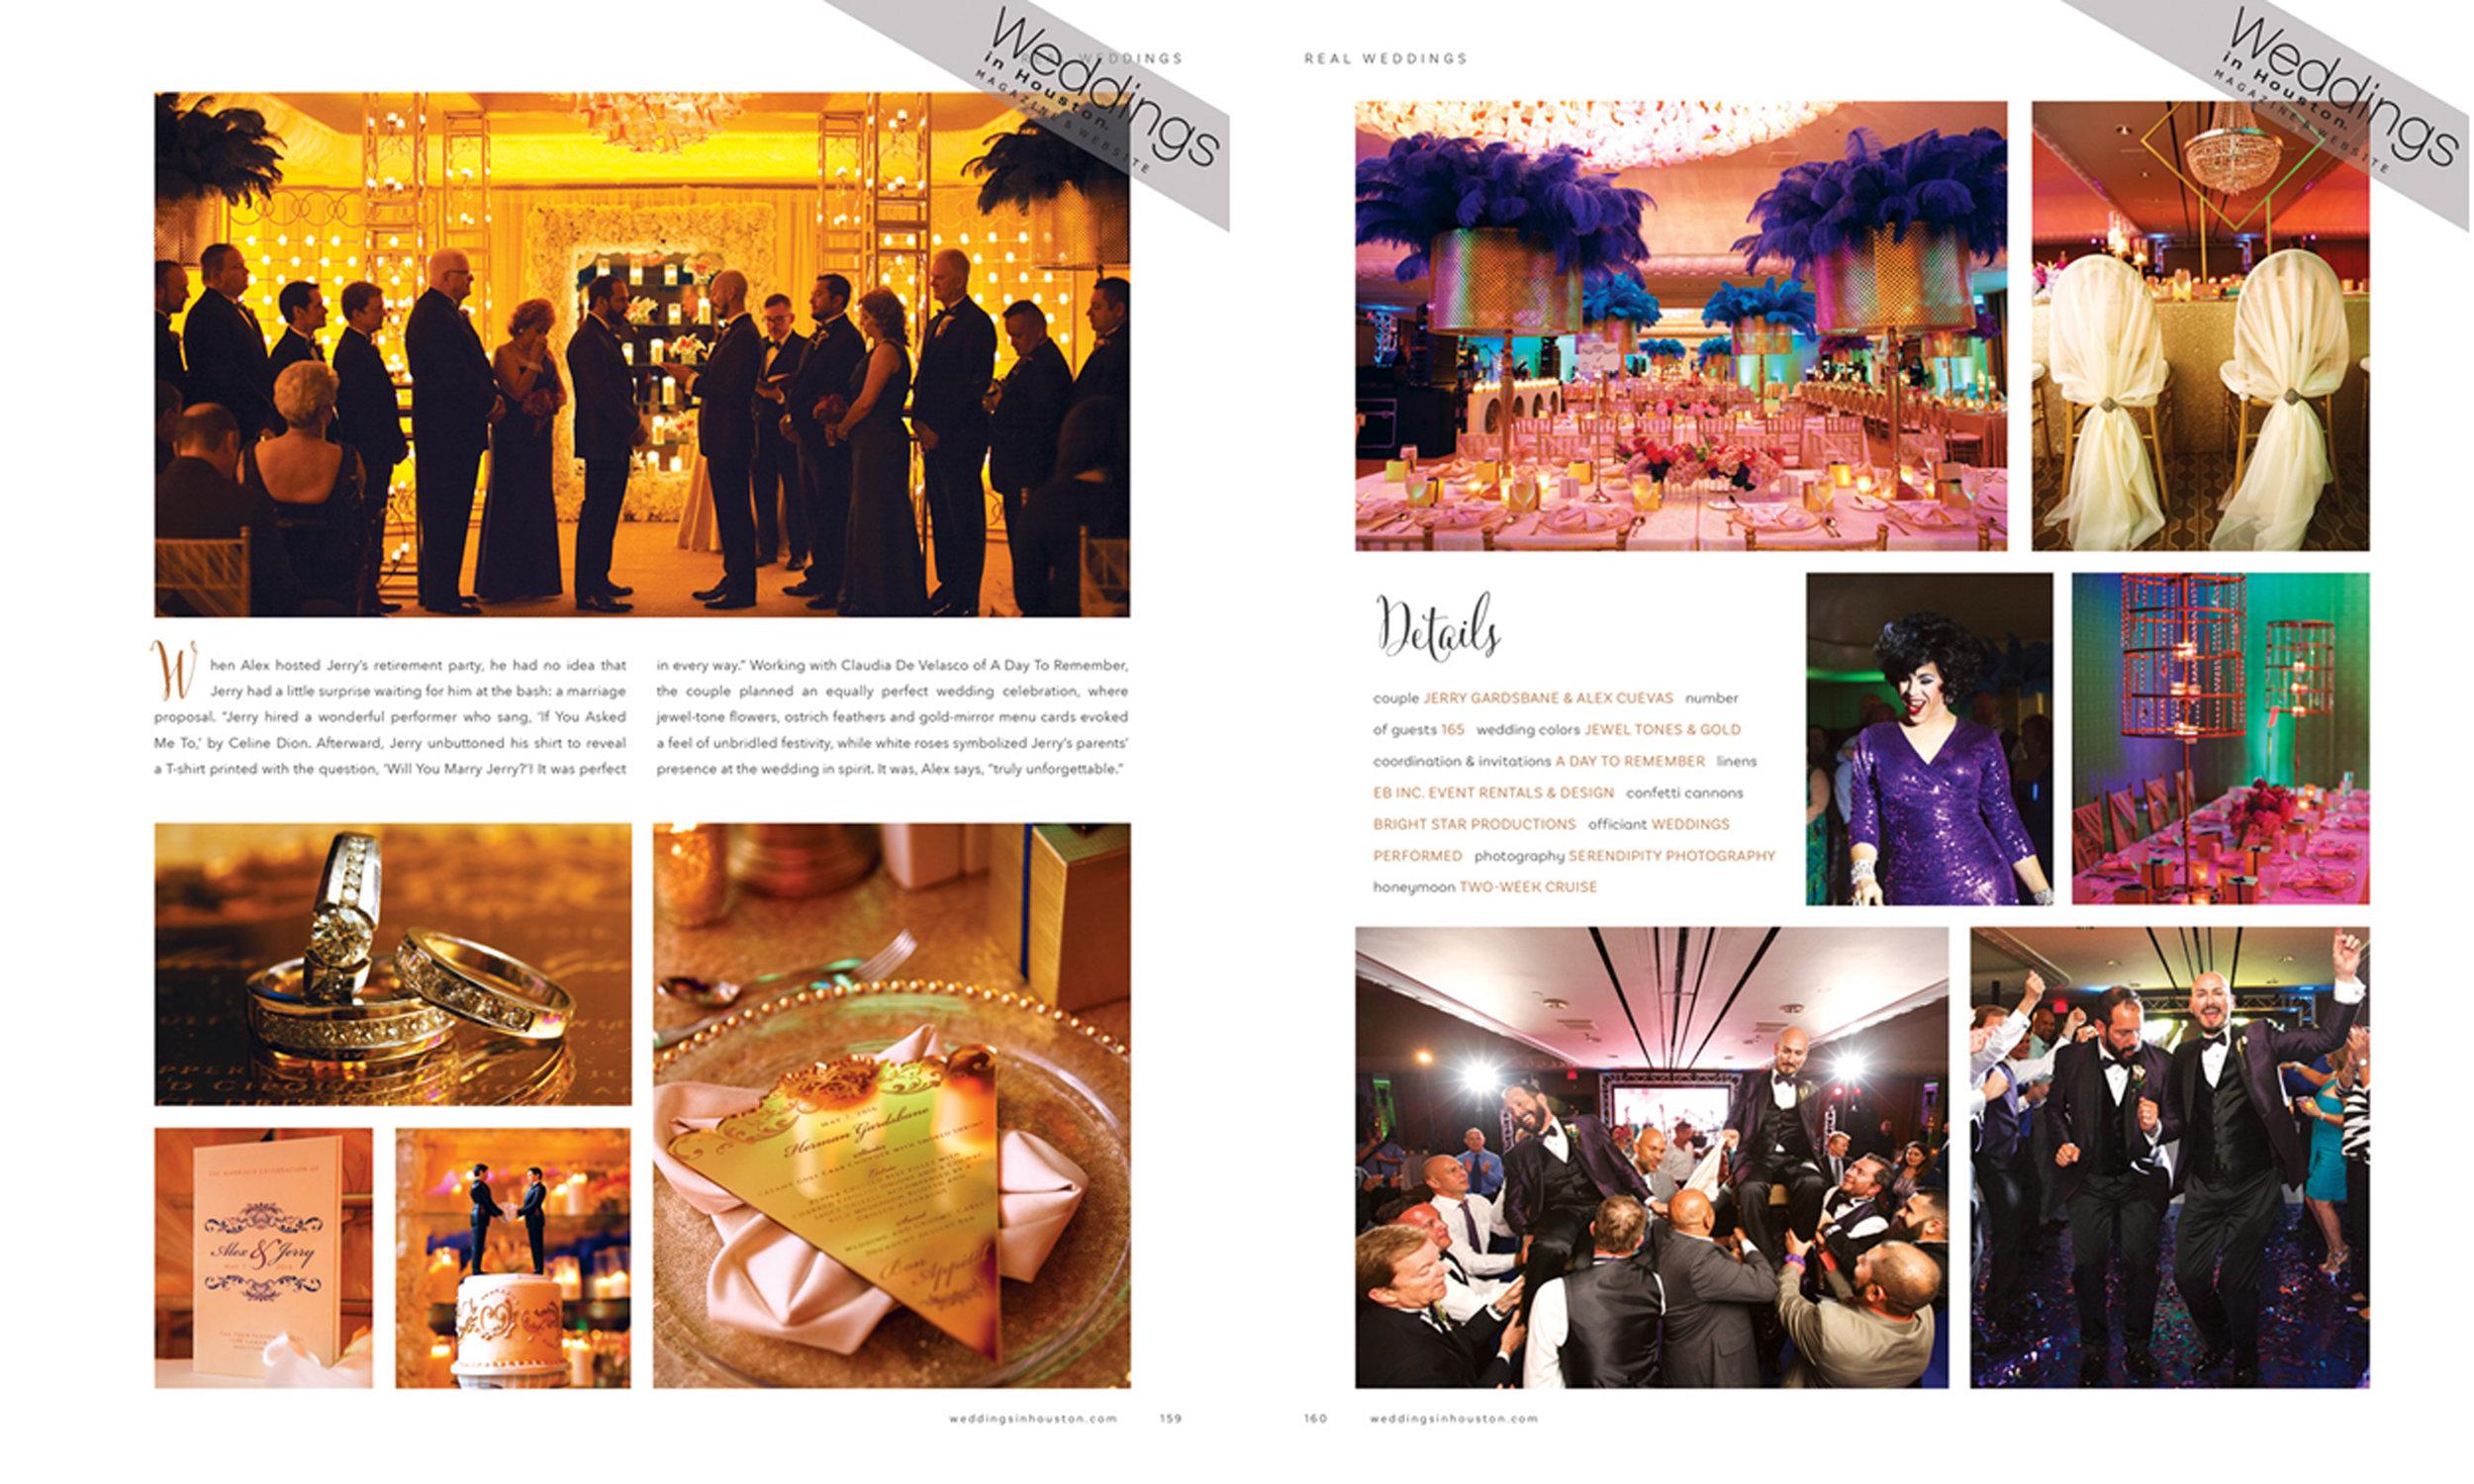 WiH_Wedding Feature_Alex&Jerry_2017_P2.jpg